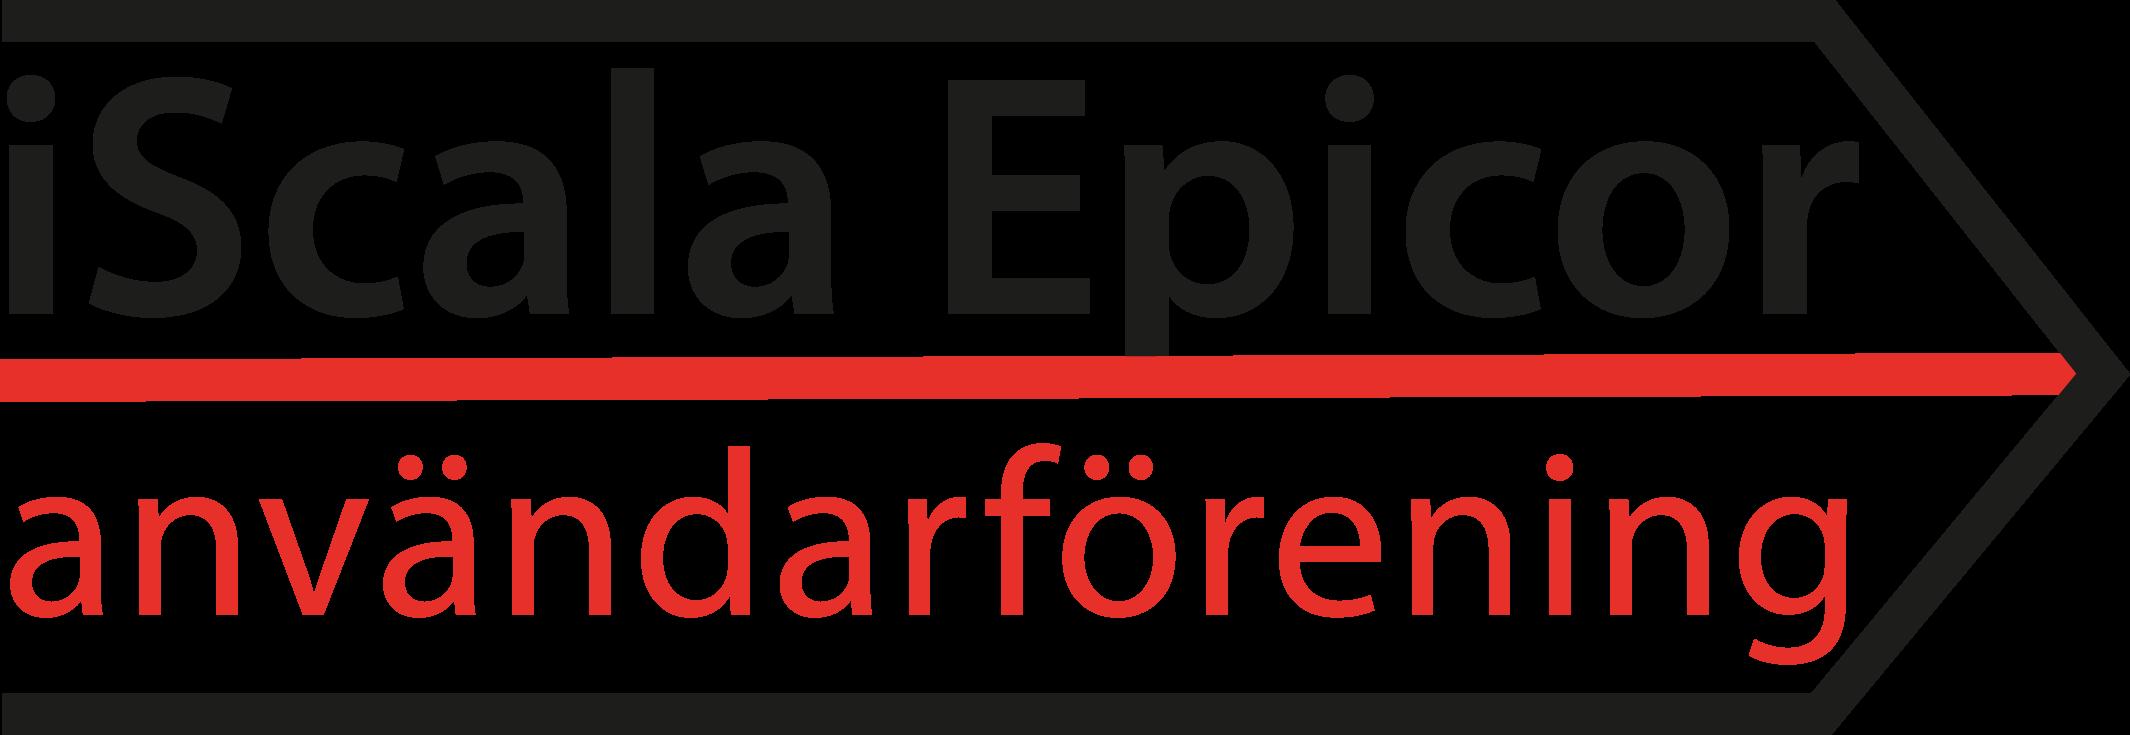 Scala Epicor Anvandarforening